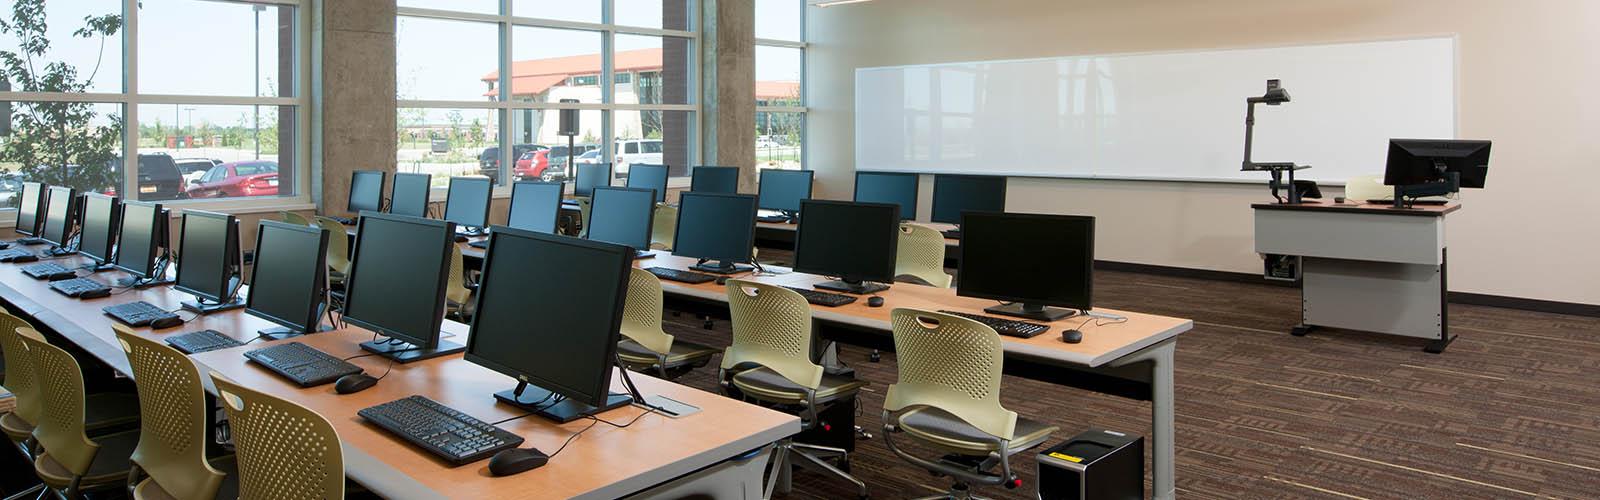 The Olathe Health Education Center 6